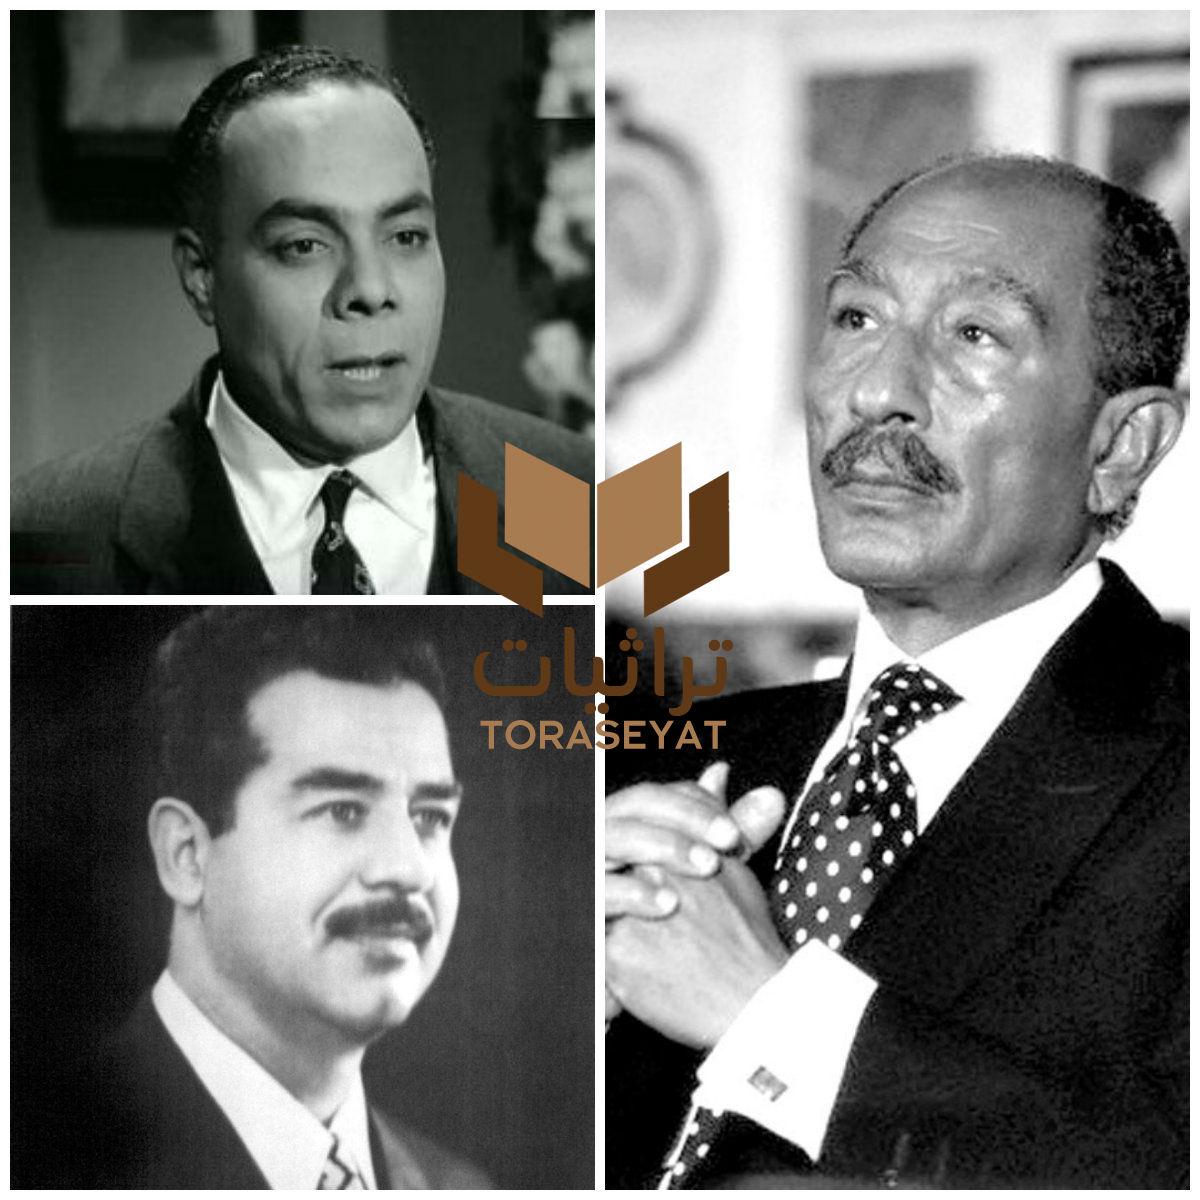 السادات - عبدالغني قمر - صدام حسين